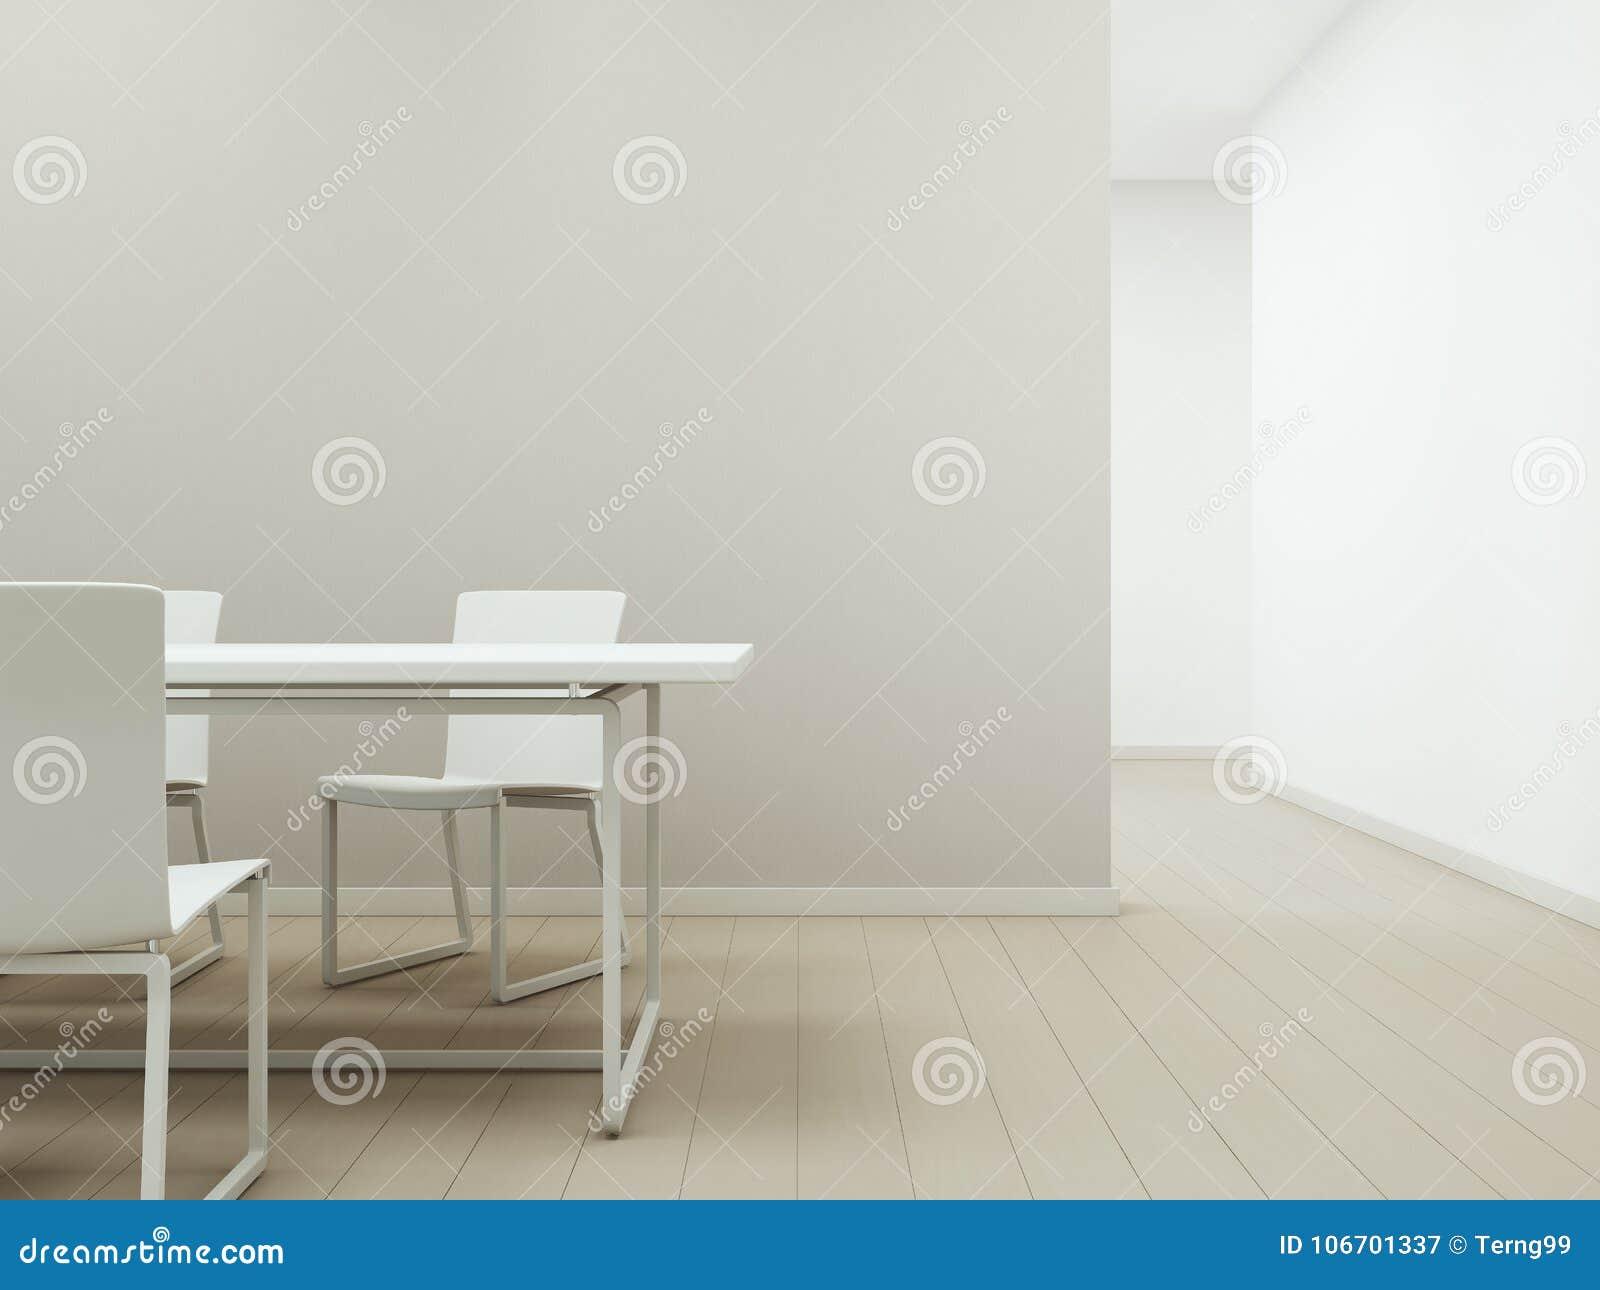 Sedie Bianche E Legno : Tavola e sedie bianche sul pavimento di legno con area di riunione o